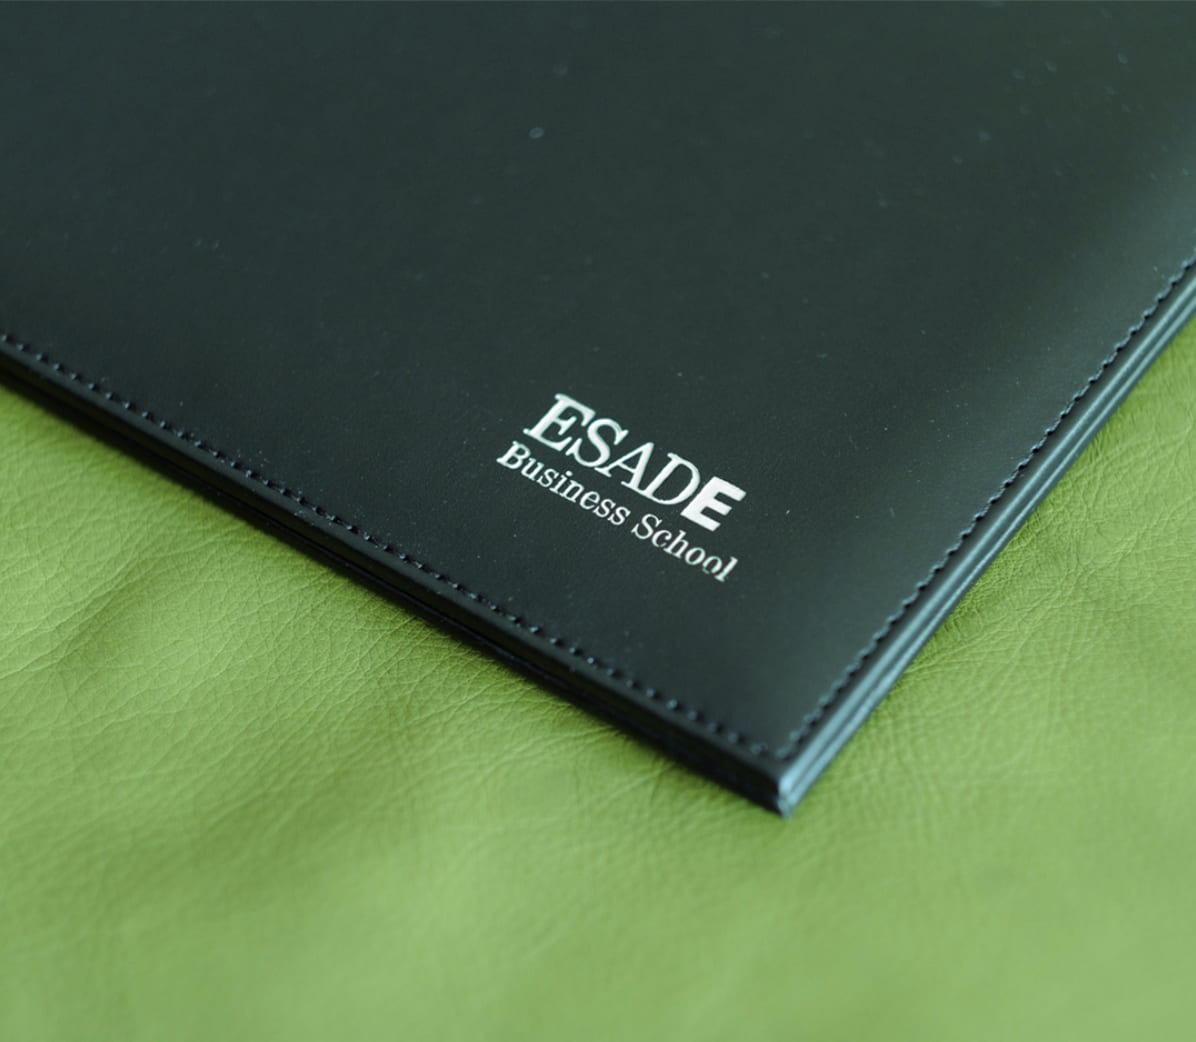 Regalos de empresa fabricados en piel de primera calidad. Regalos personalizados para eventos, congresos, hoteles, redes comerciales y mucho más.